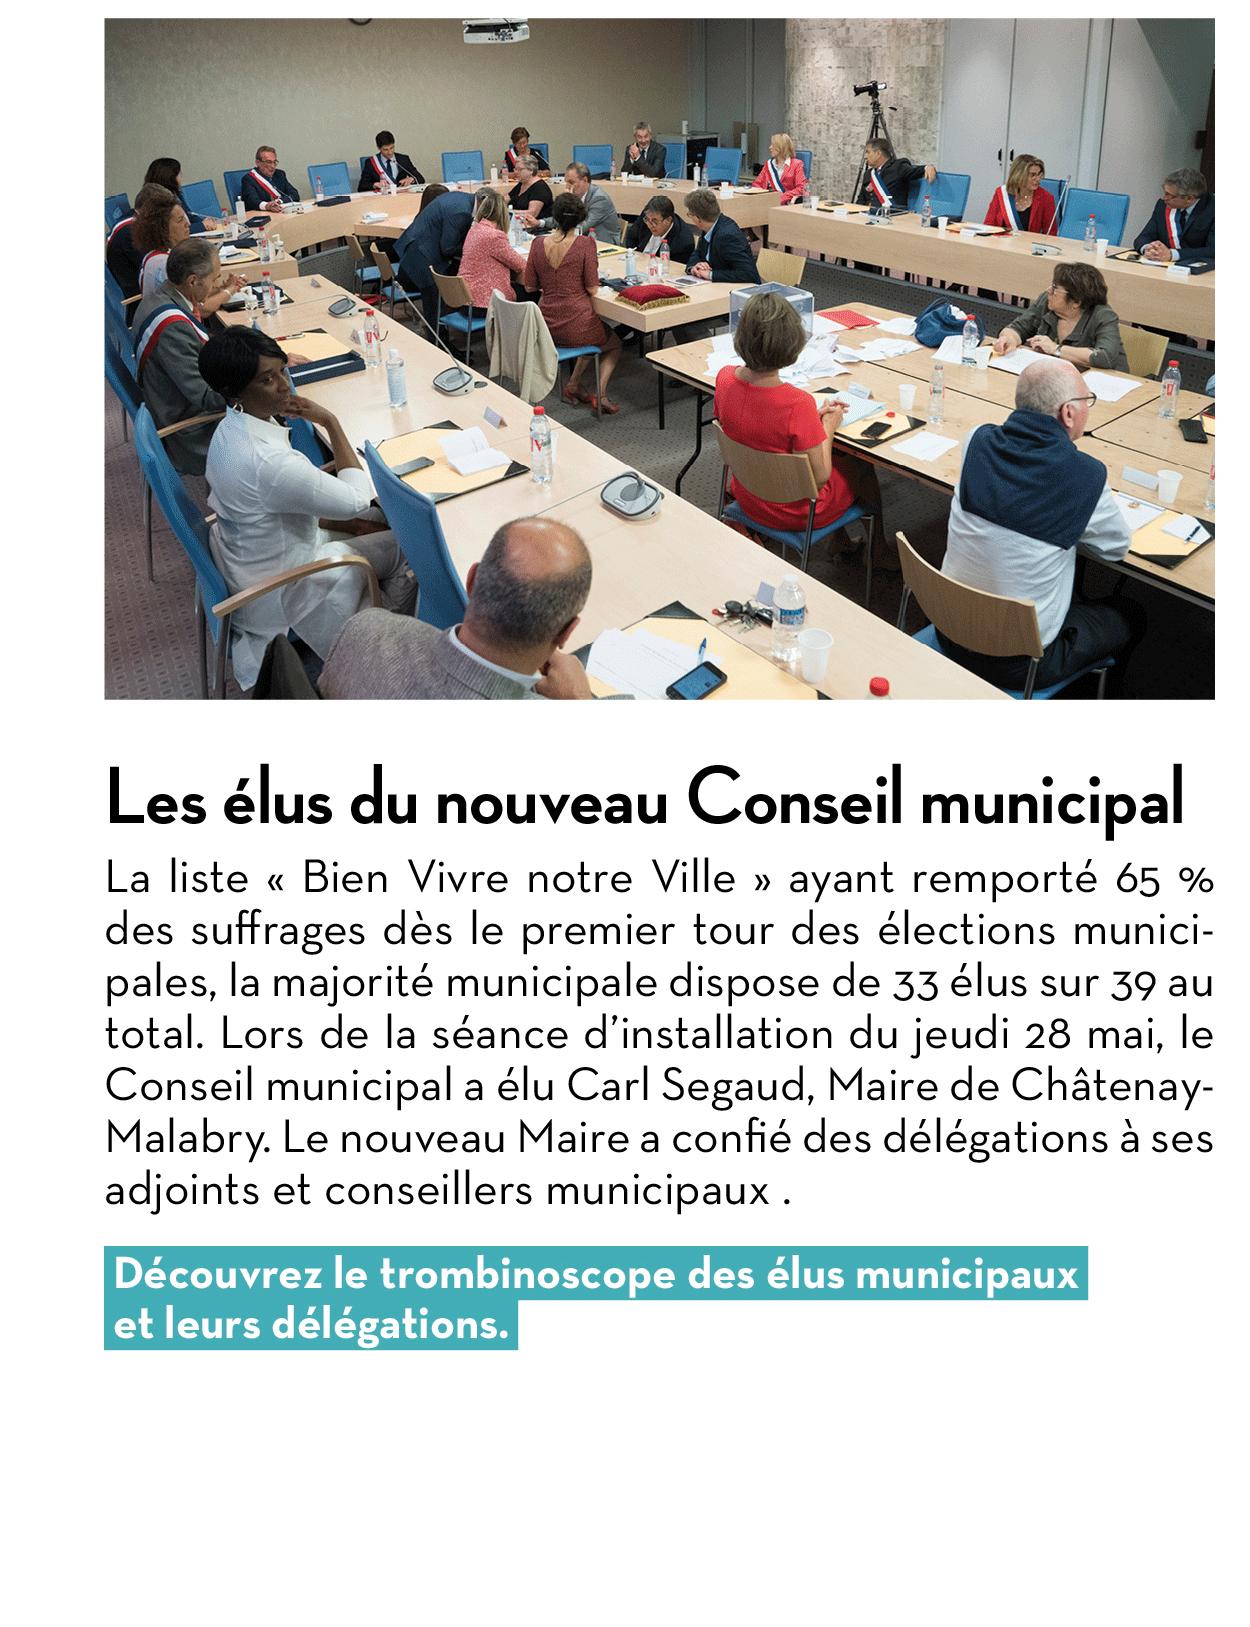 Les élus du nouveau Conseil municipal